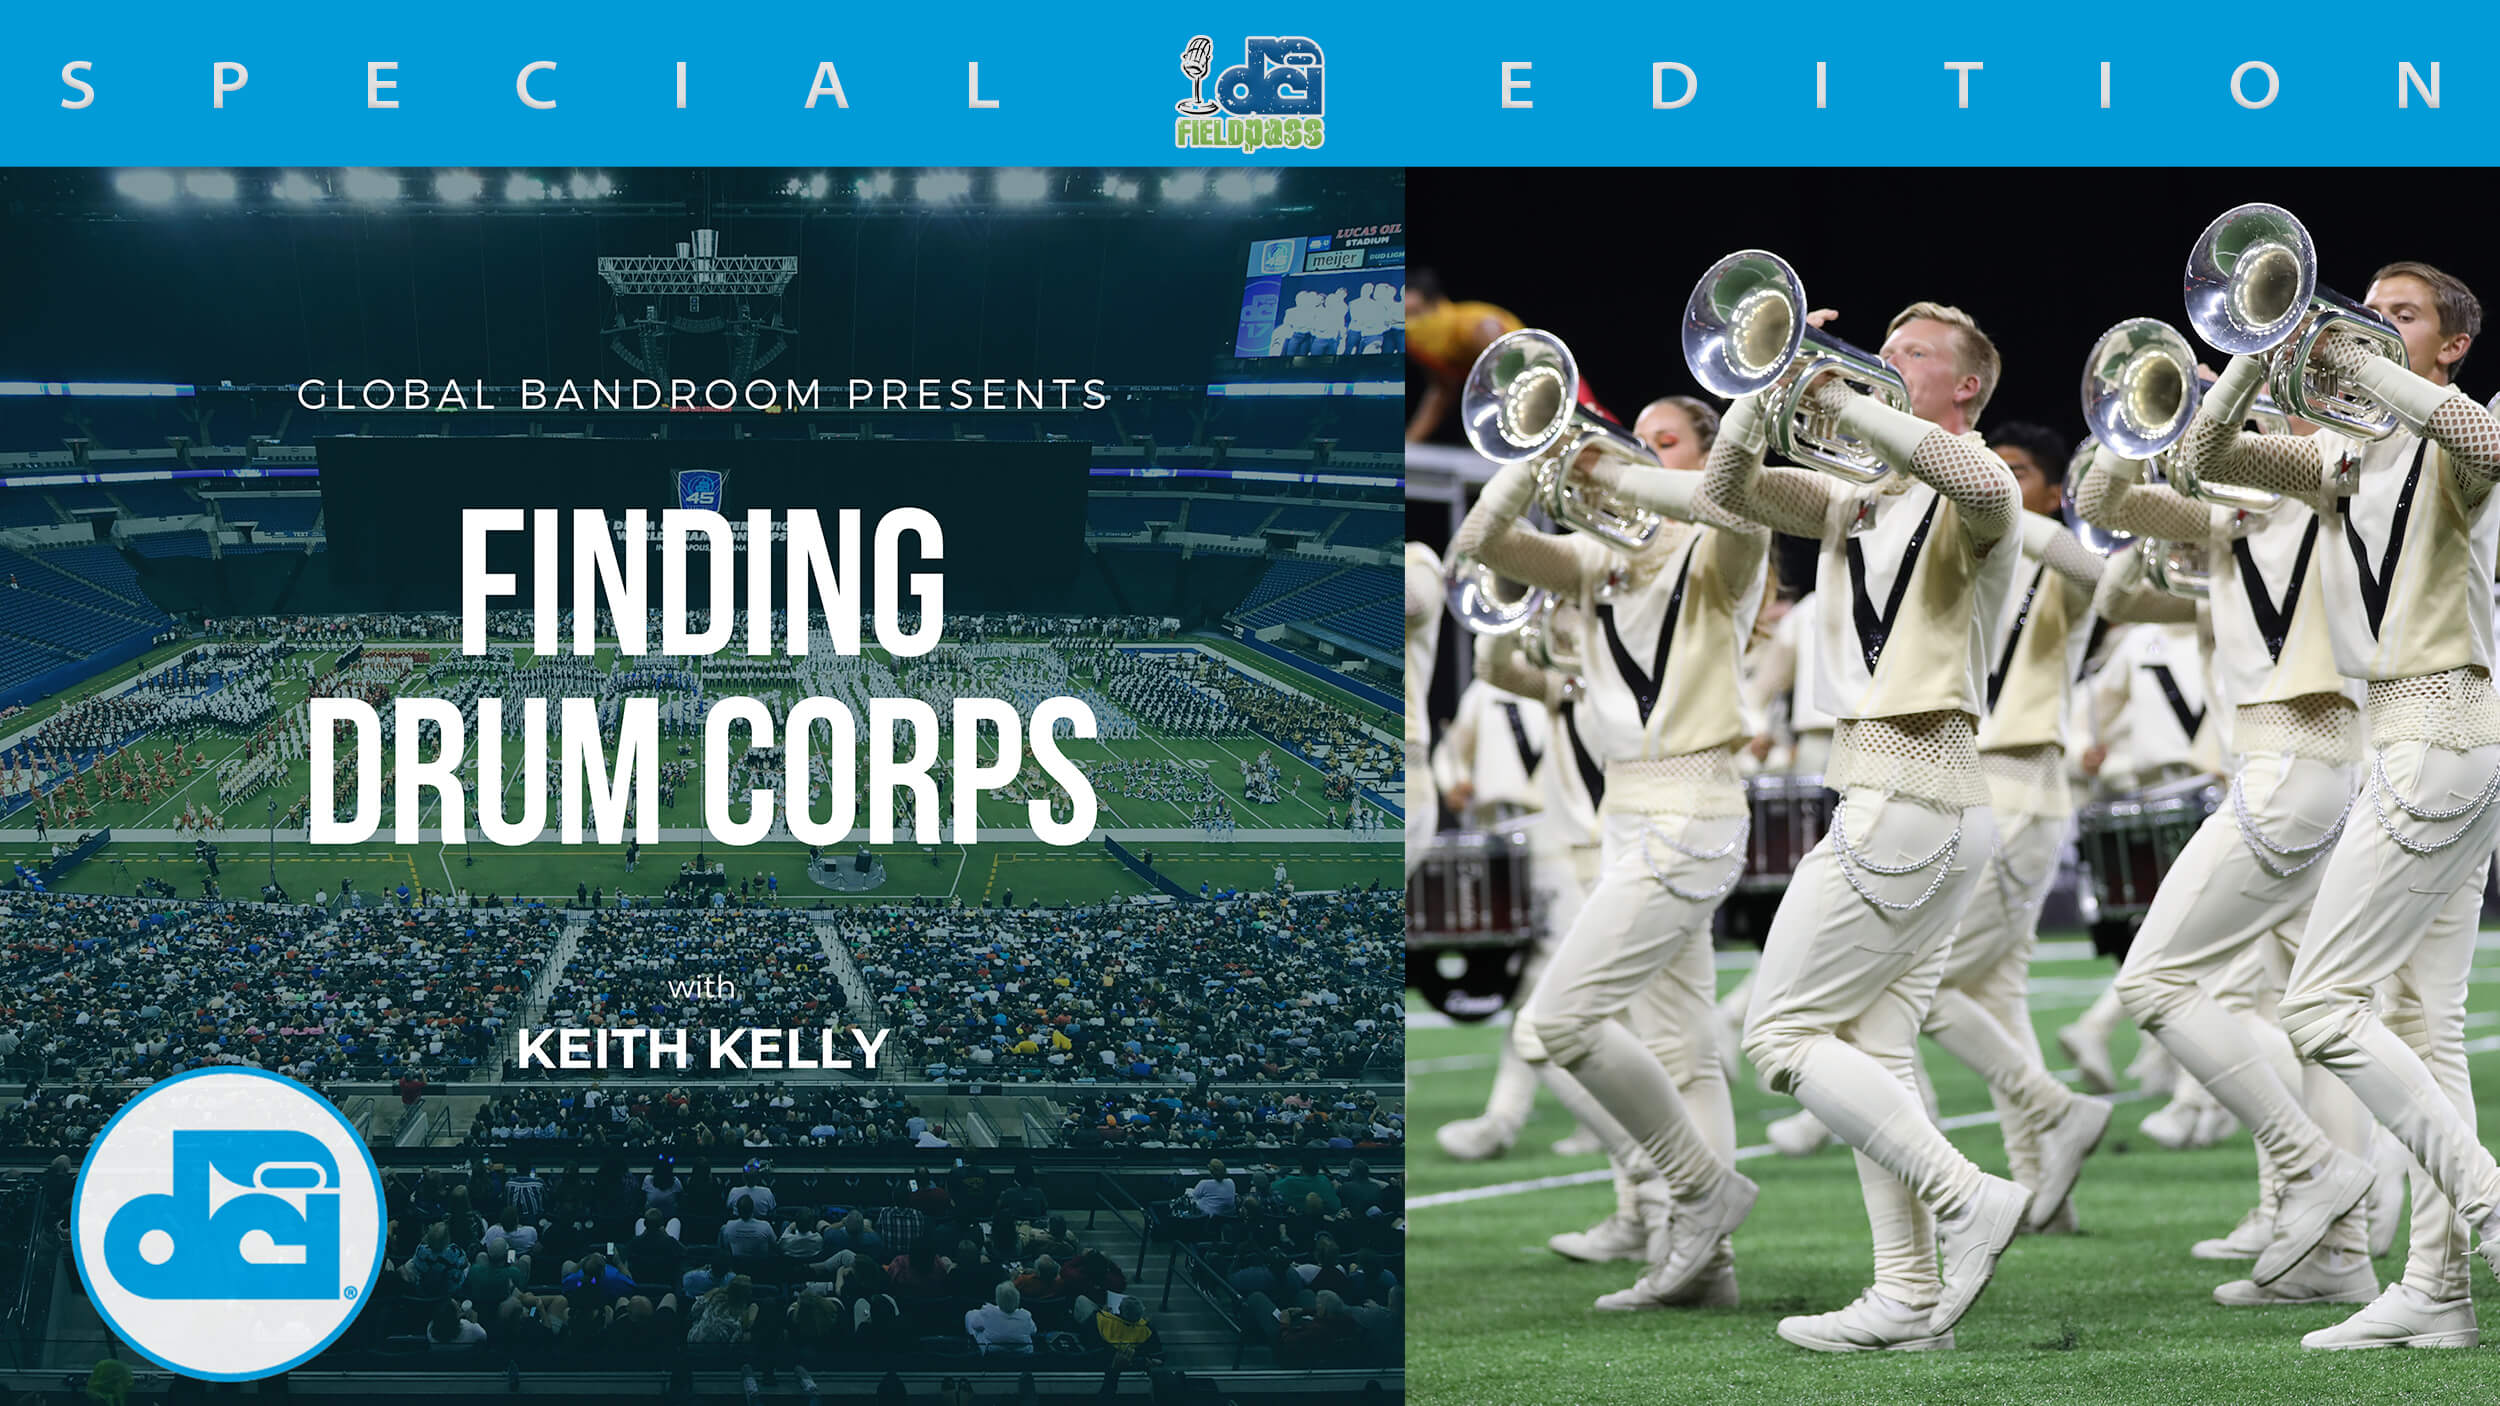 Finding Drum Corps: Origin Stories